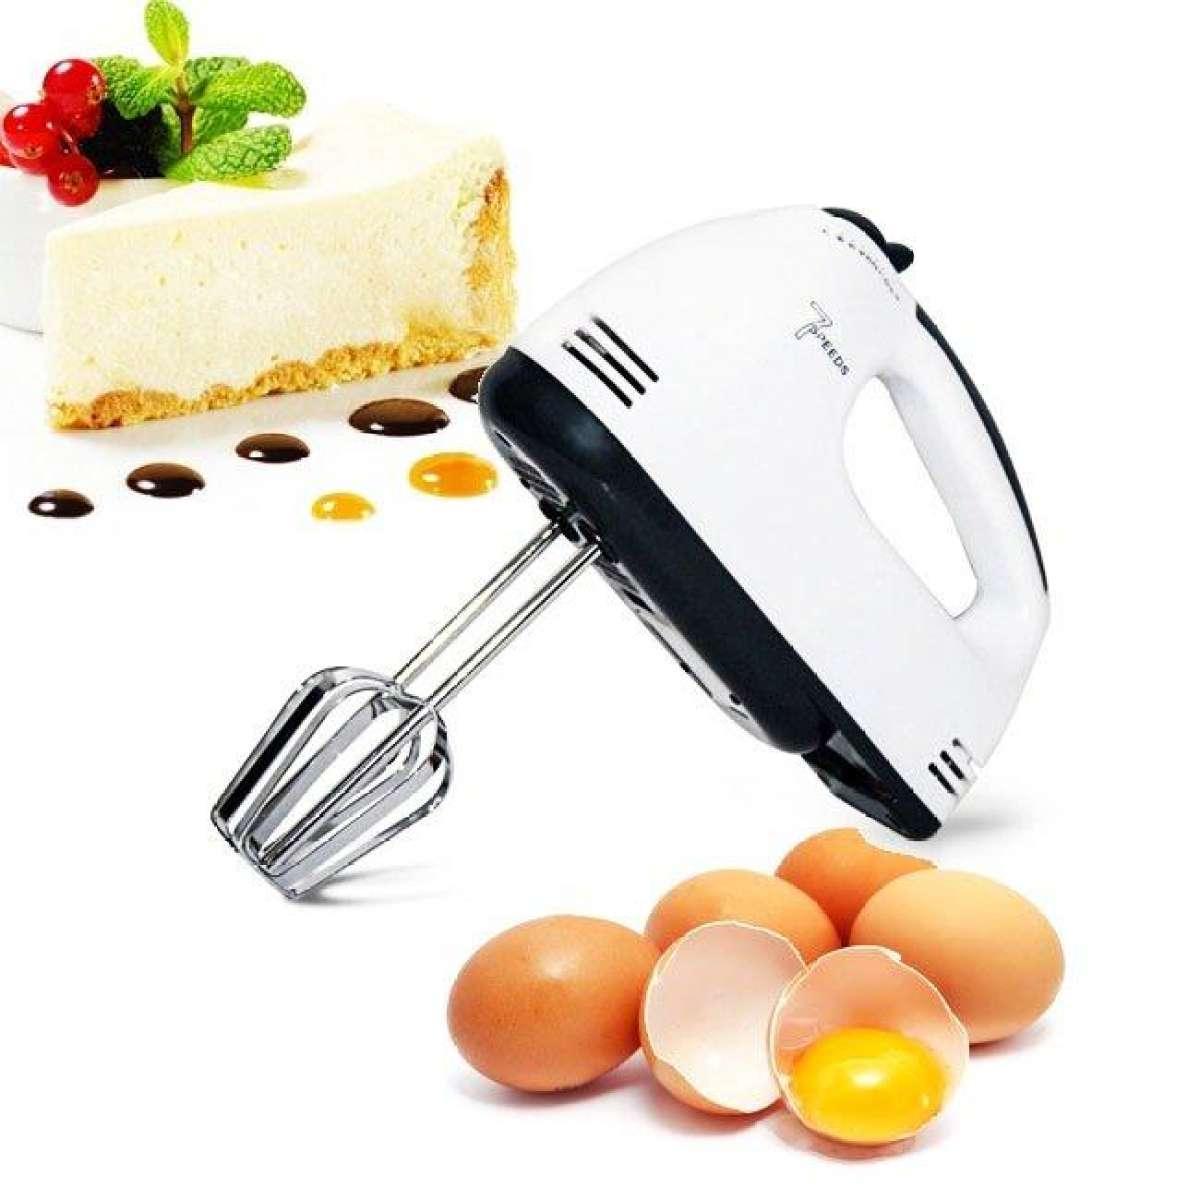 Máy Đánh Trứng Cầm Tay 7 Cấp Tốc Độ 180W Scarlett - Trắng Giảm Cực Khủng